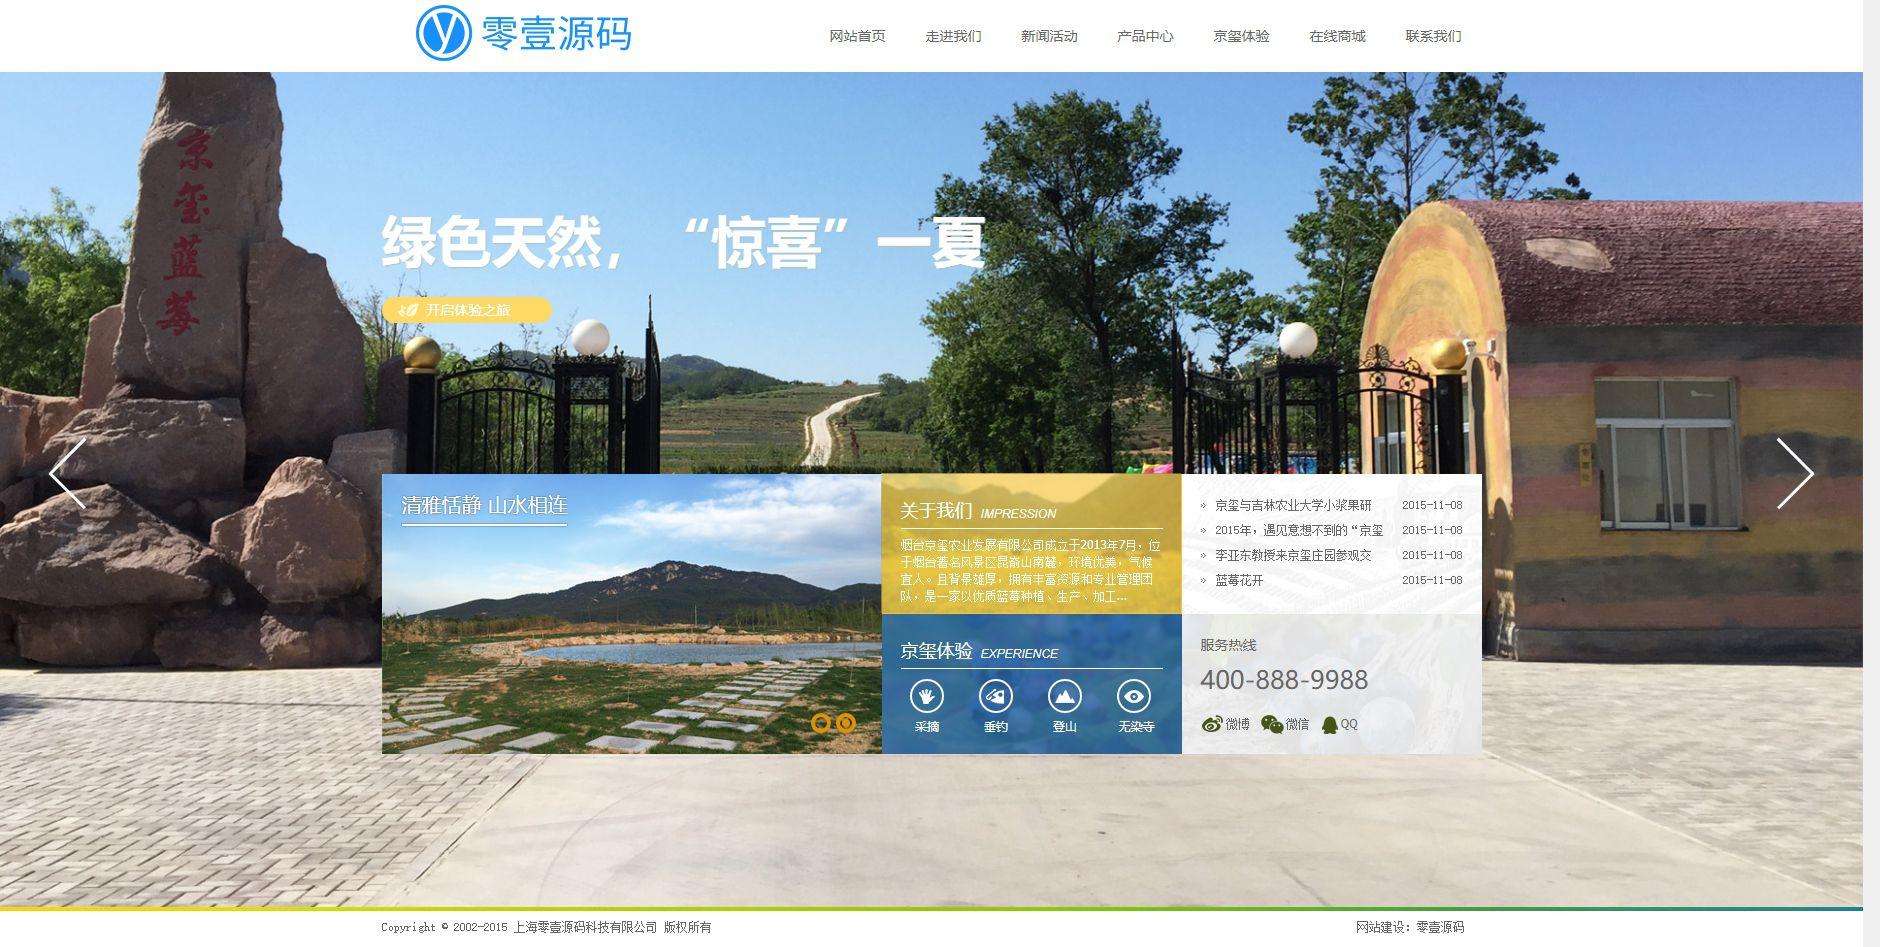 小清新农业农林农家乐类企业网站织梦dedecms模板